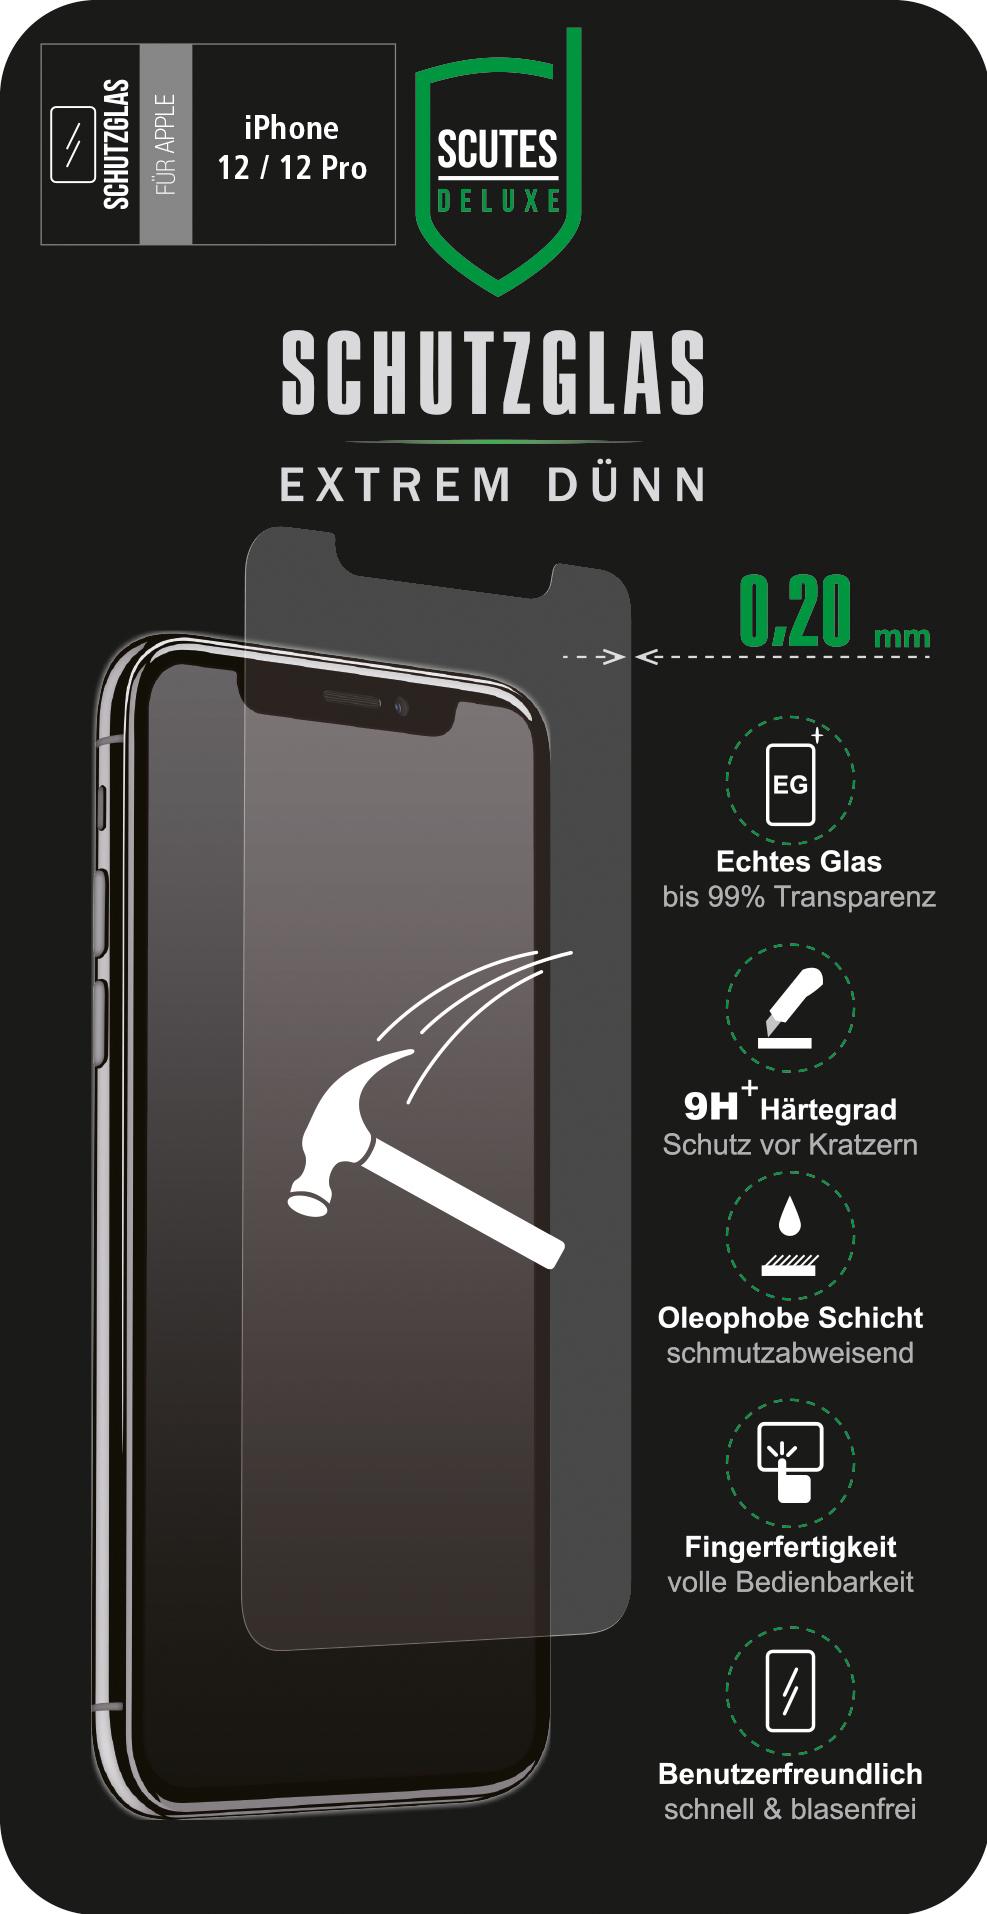 Schutzglas (iPhone 12/iPhone 12 Pro)